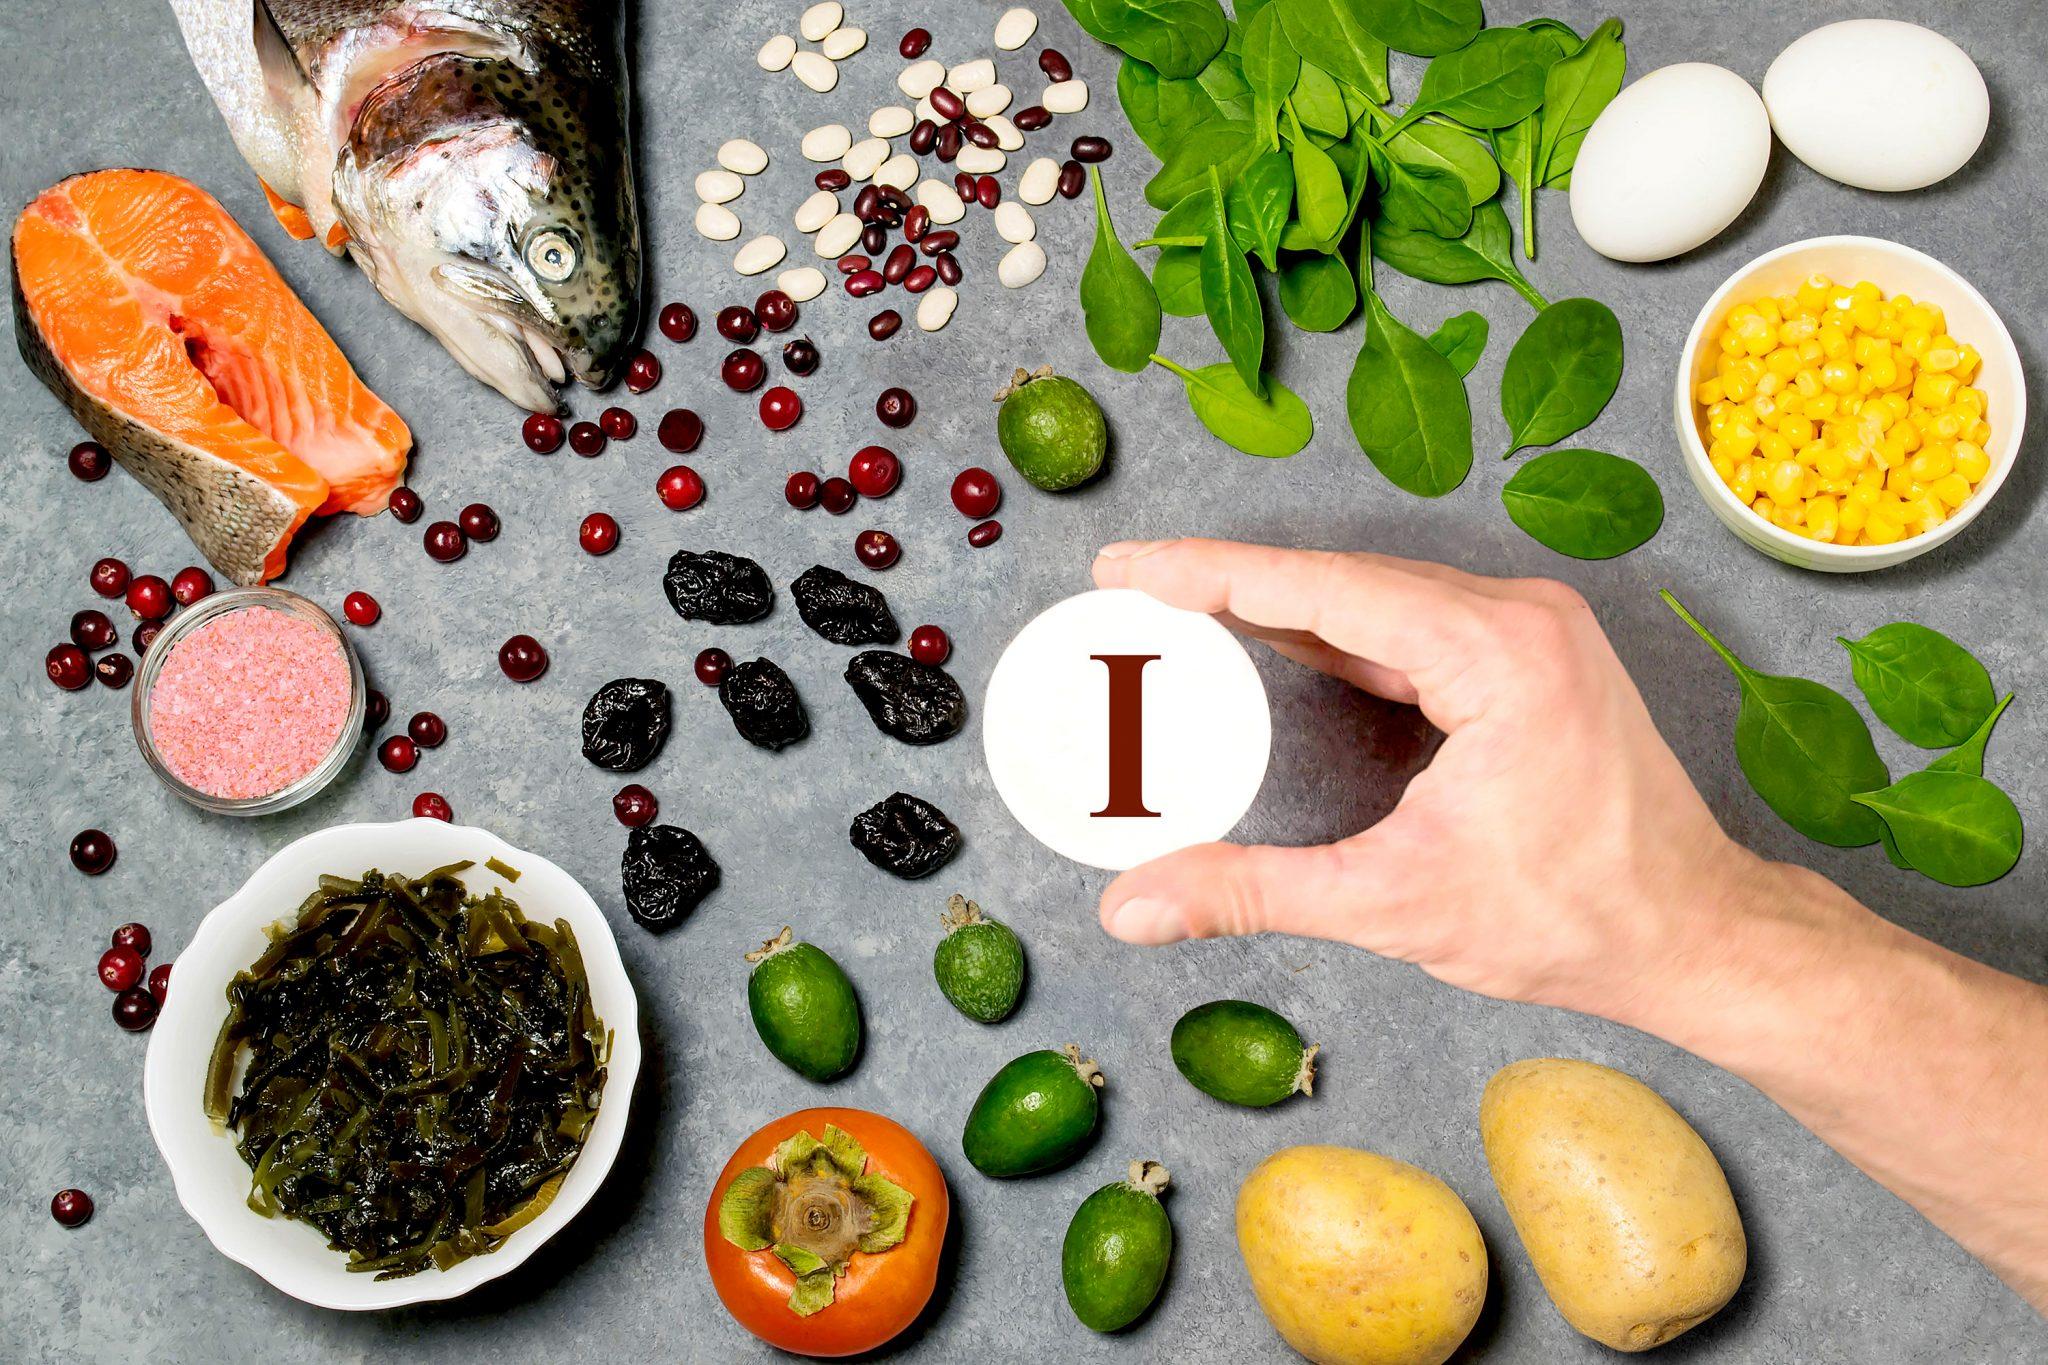 ヨウ素を多く含む食べ物